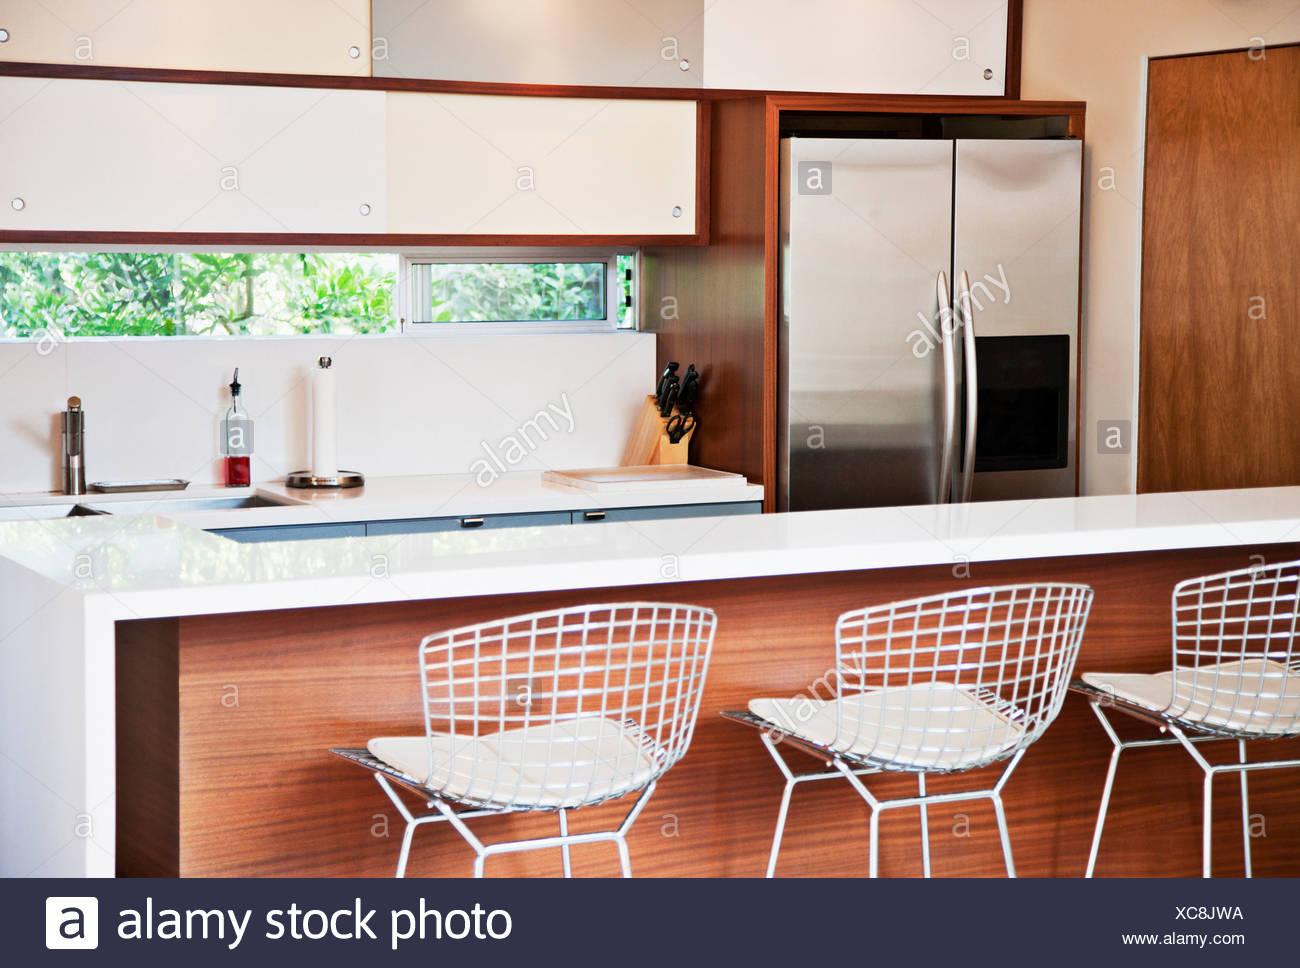 Sgabelli e bar per la colazione nella cucina moderna foto